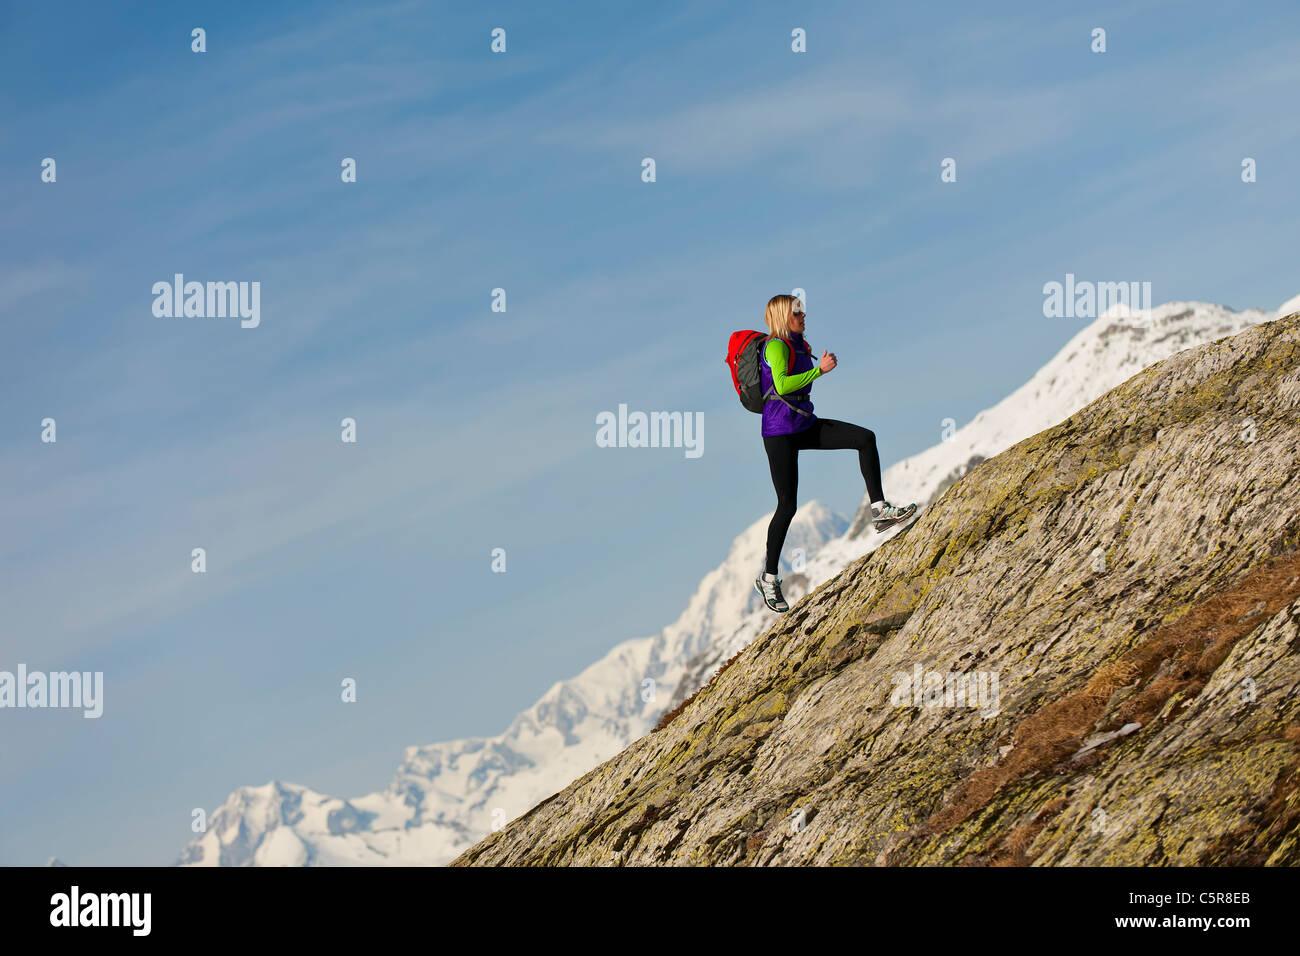 Ein Läufer läuft auf einer steilen Felswand in großer Höhe. Stockbild